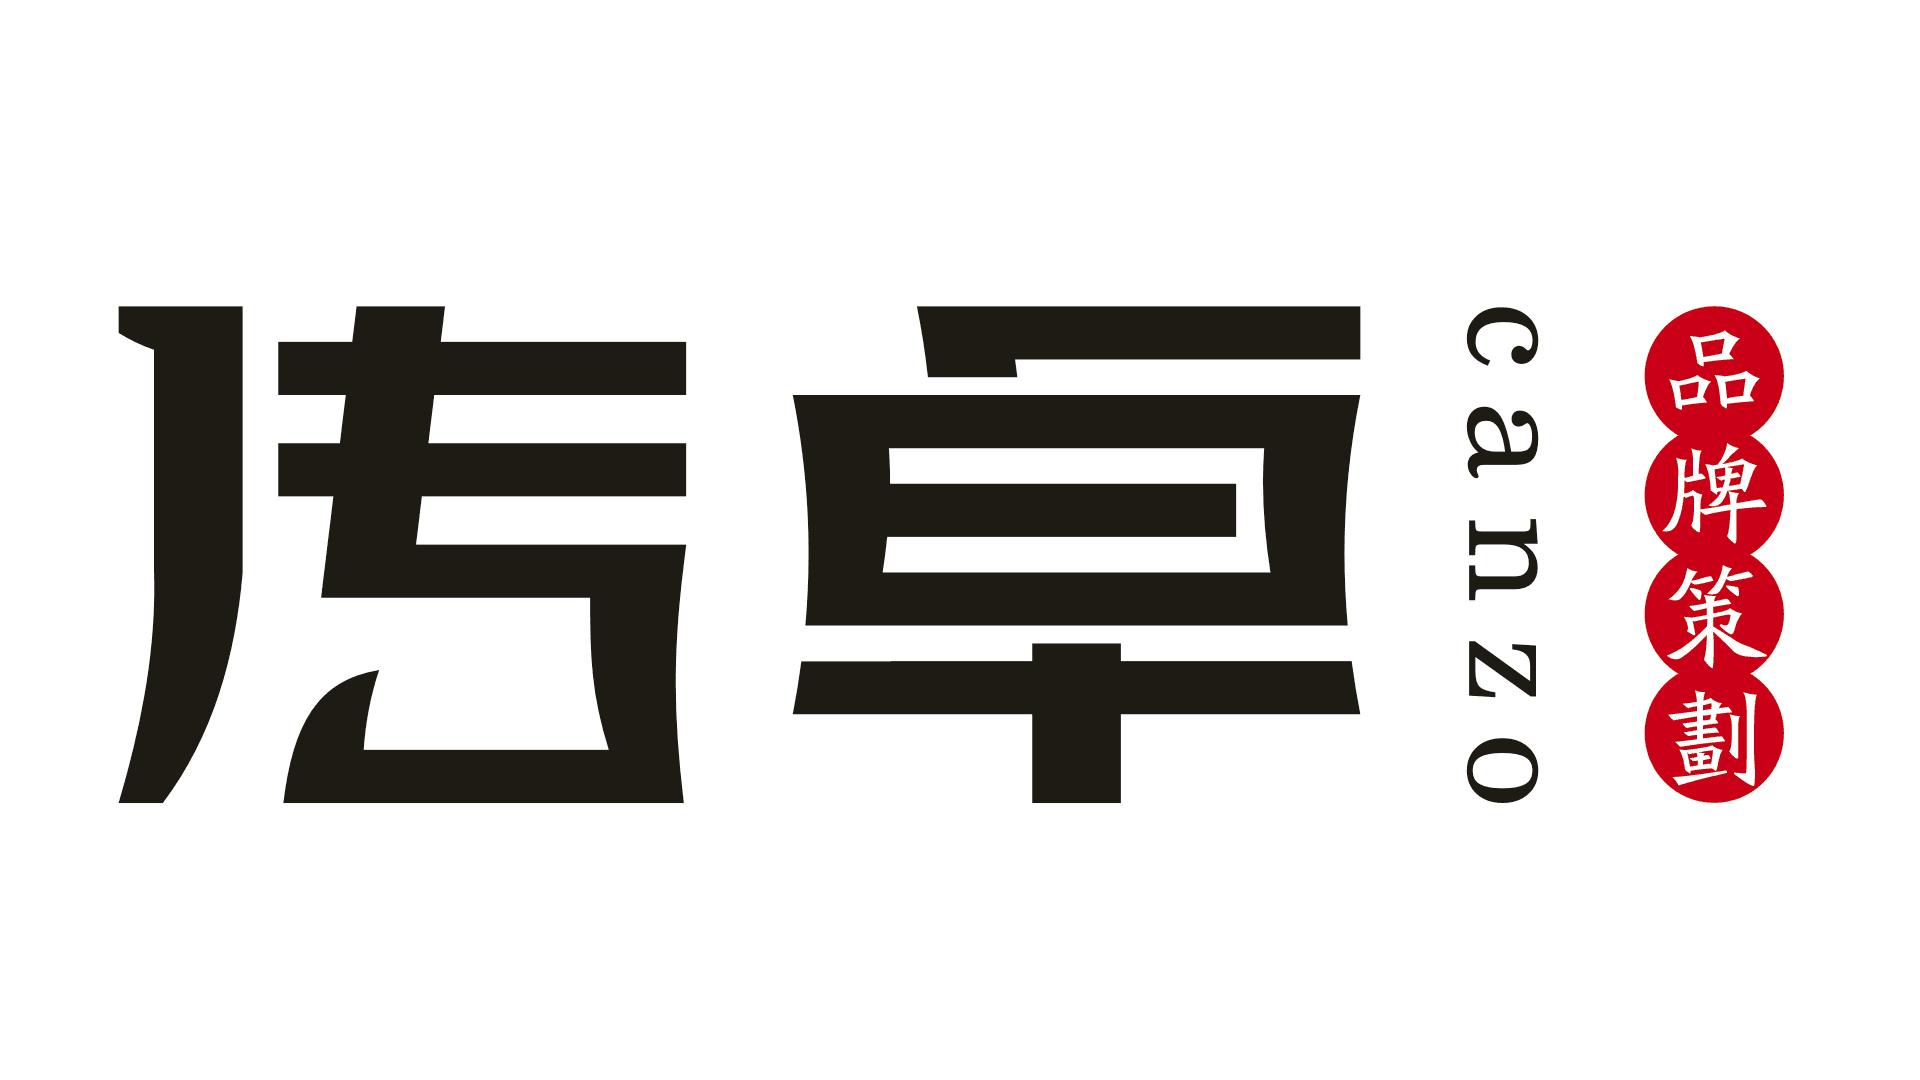 佛山传卓广告有限公司